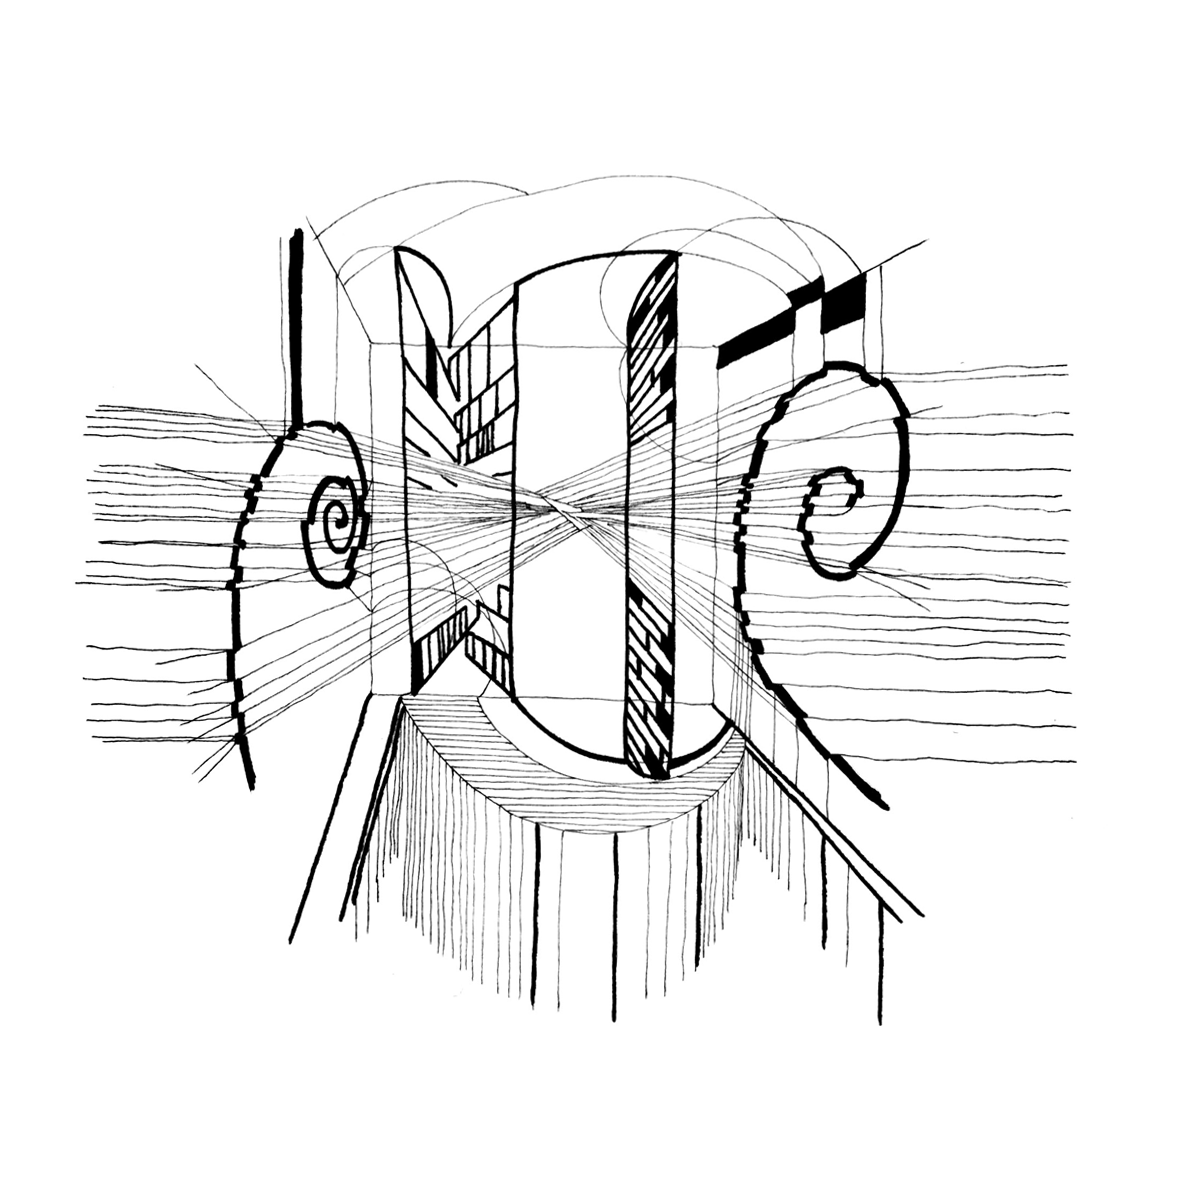 181227_rr_mathPhen_point_angle_cy1_triad_2